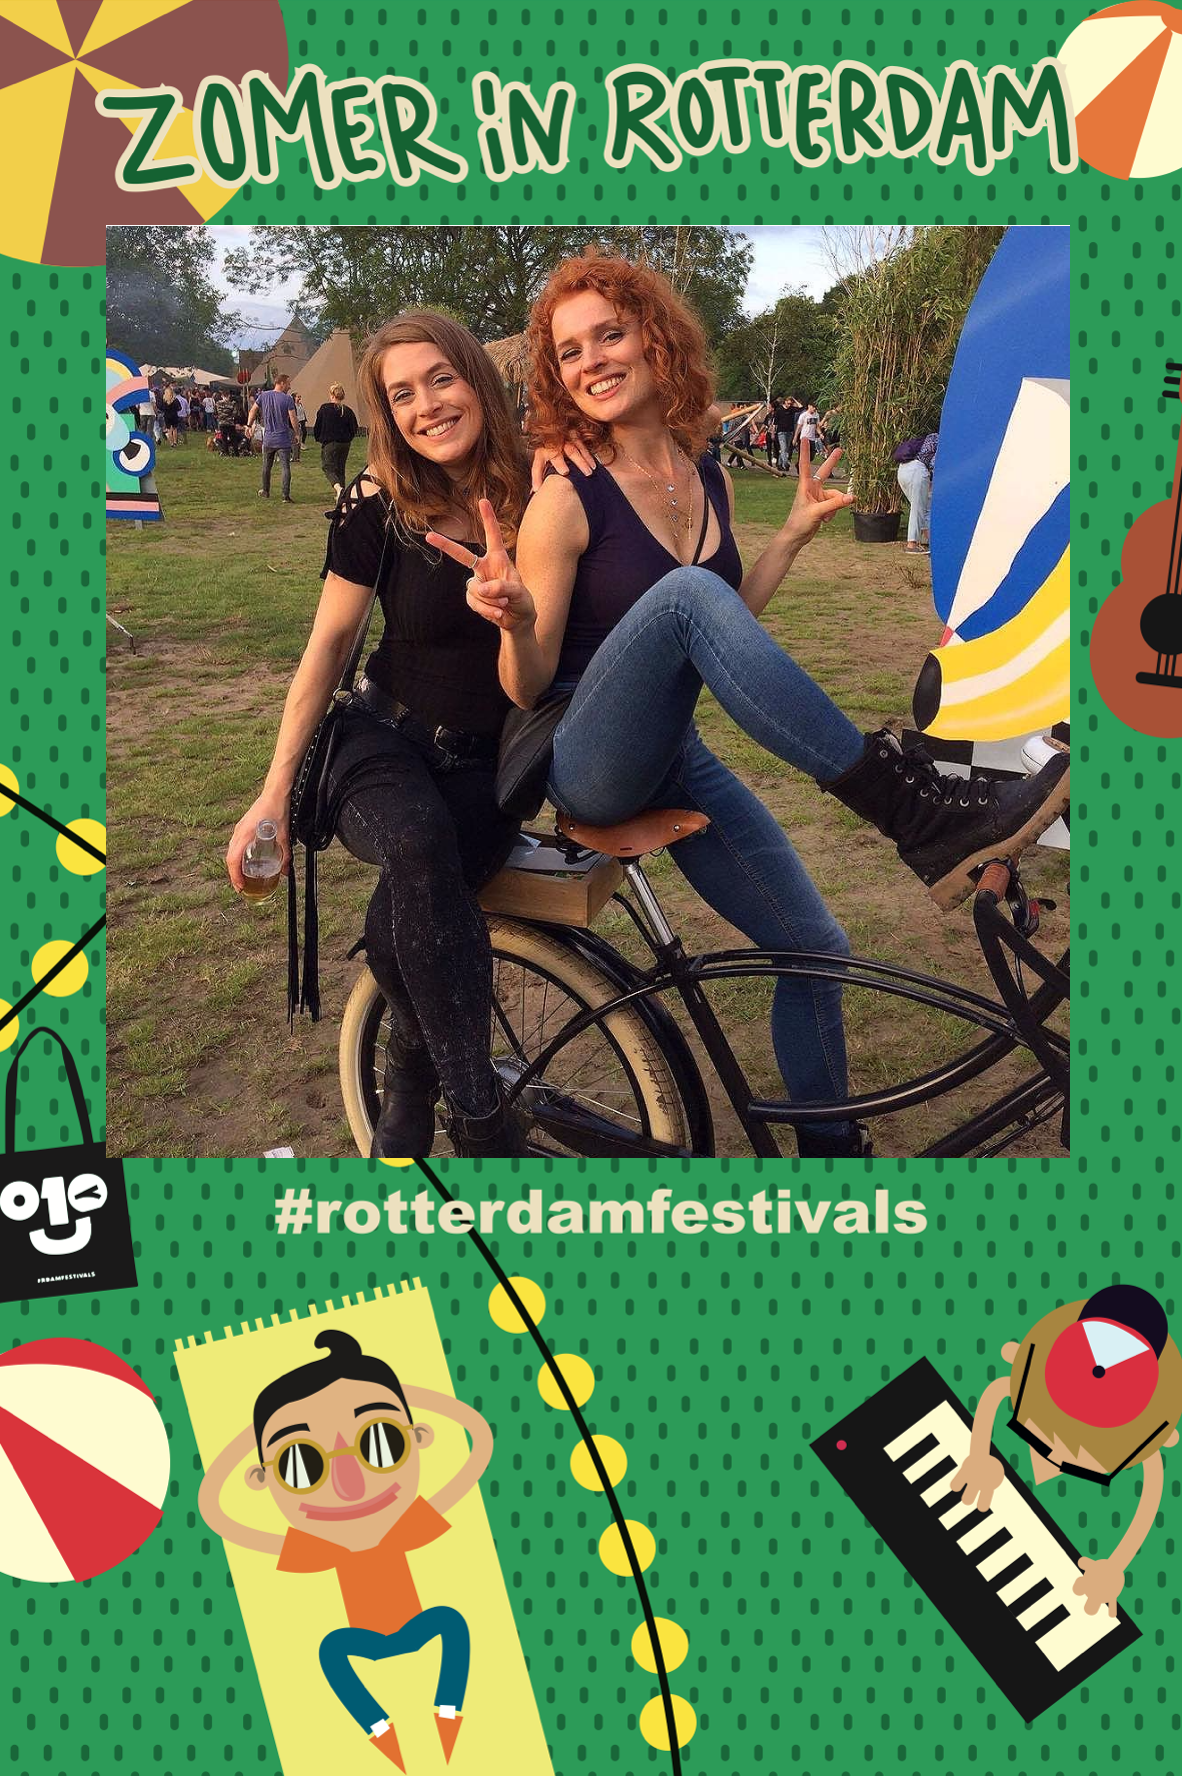 rotterdamfestivals_thehashtagbike4.png